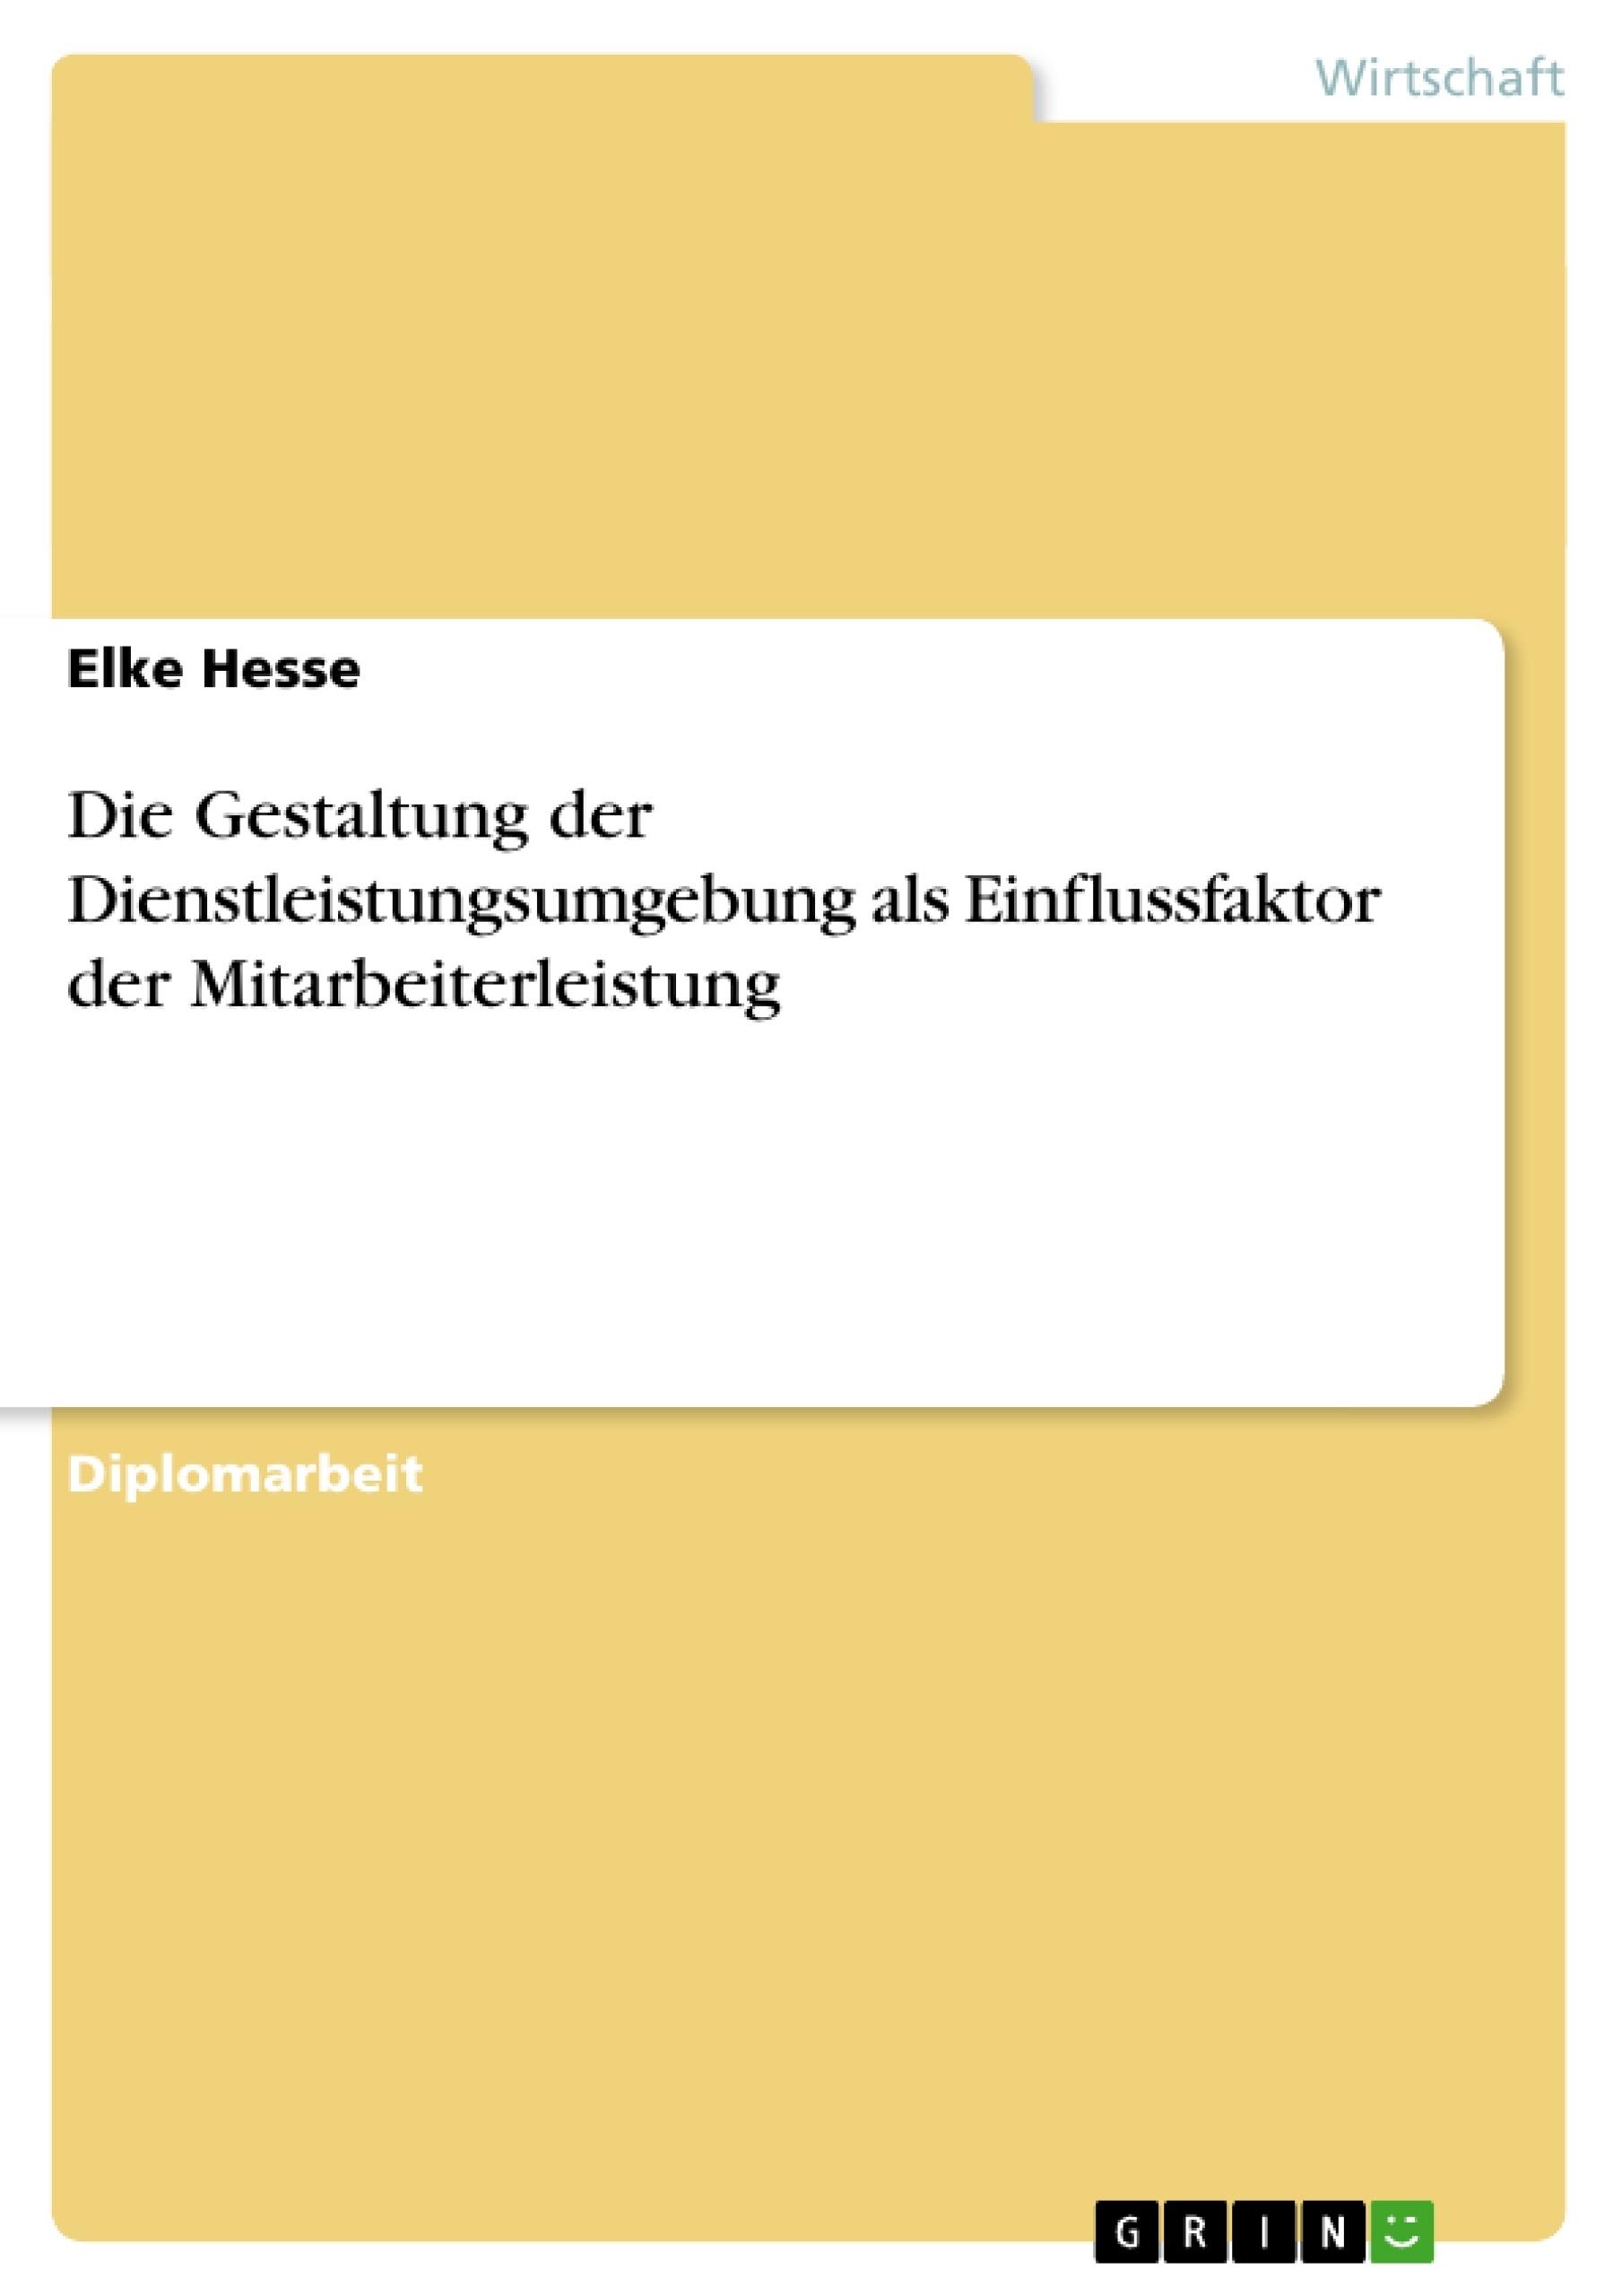 Titel: Die Gestaltung der Dienstleistungsumgebung als Einflussfaktor der Mitarbeiterleistung